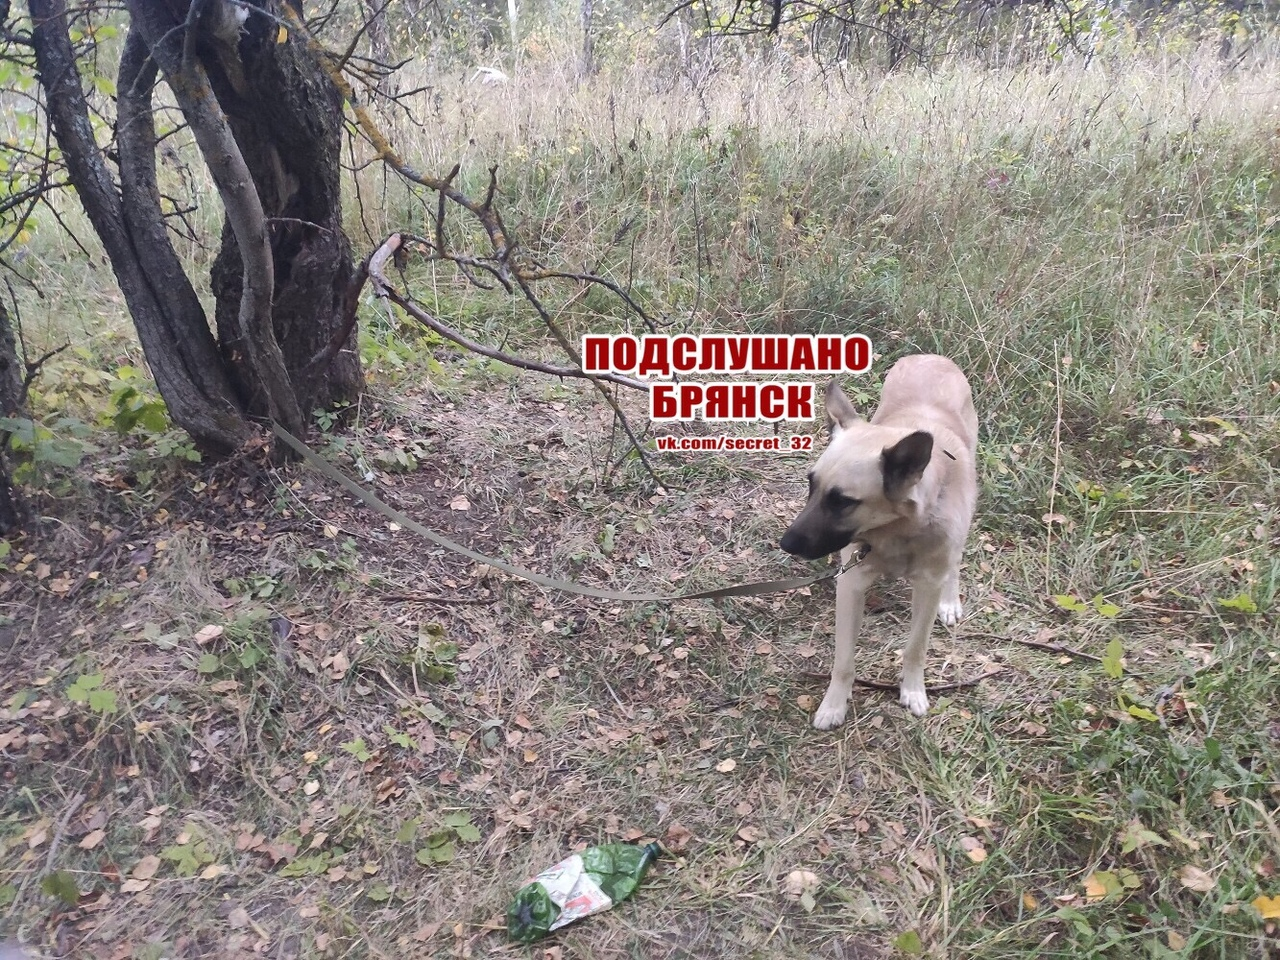 В Брянске собаку оставили умирать возле дерева